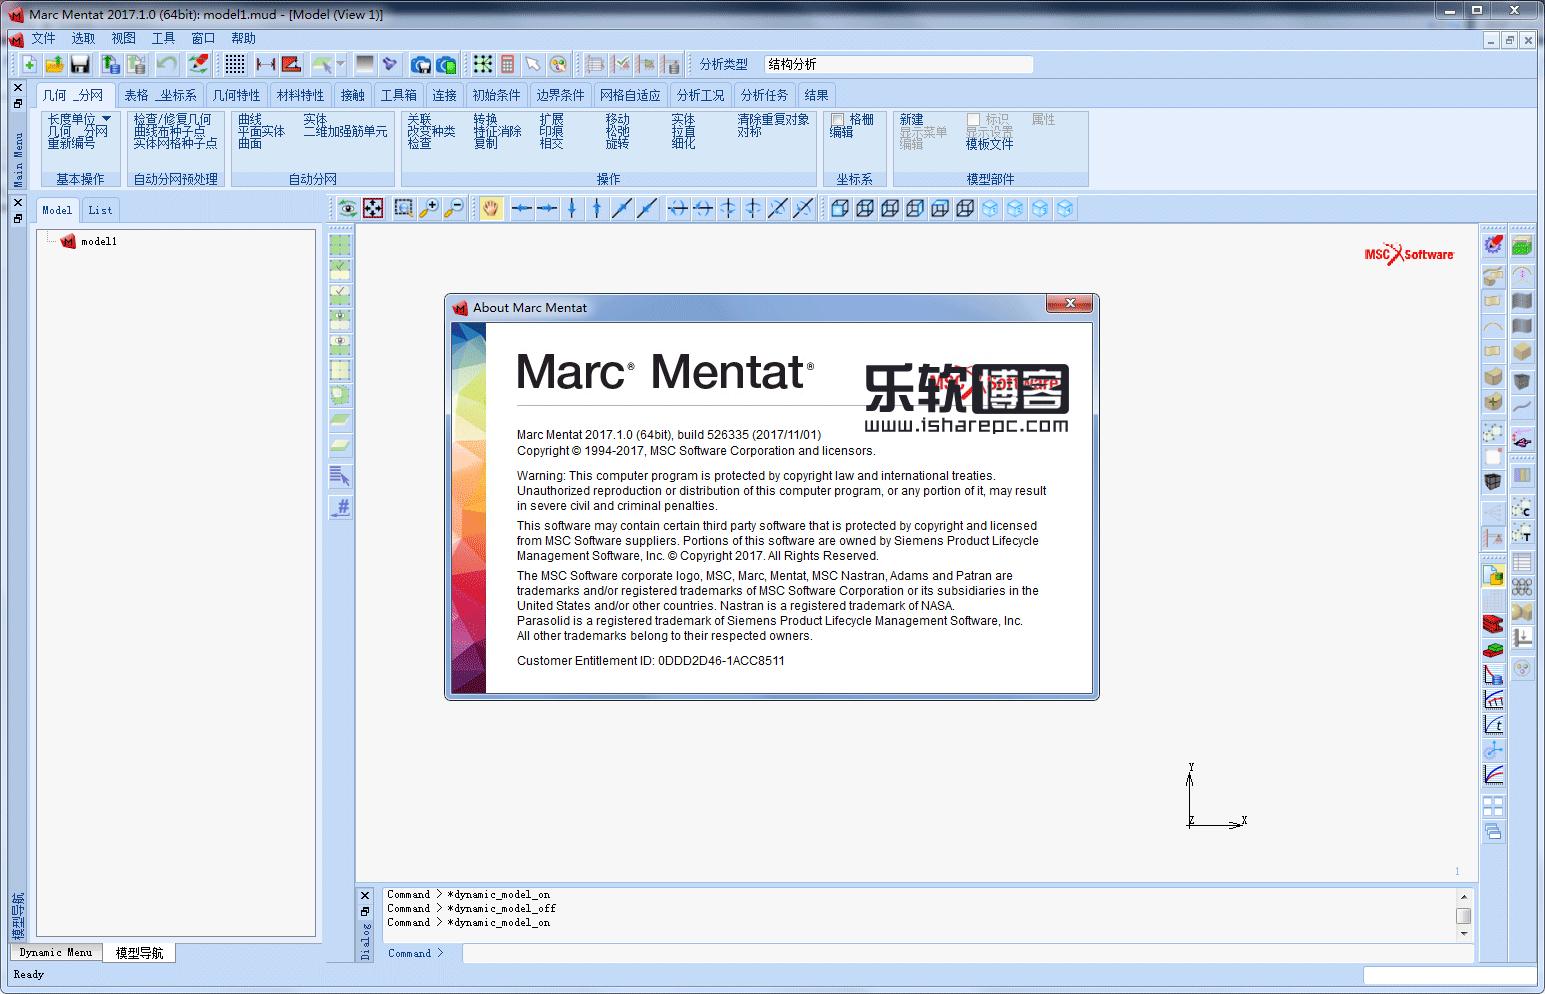 Marc Mentat 2017.1